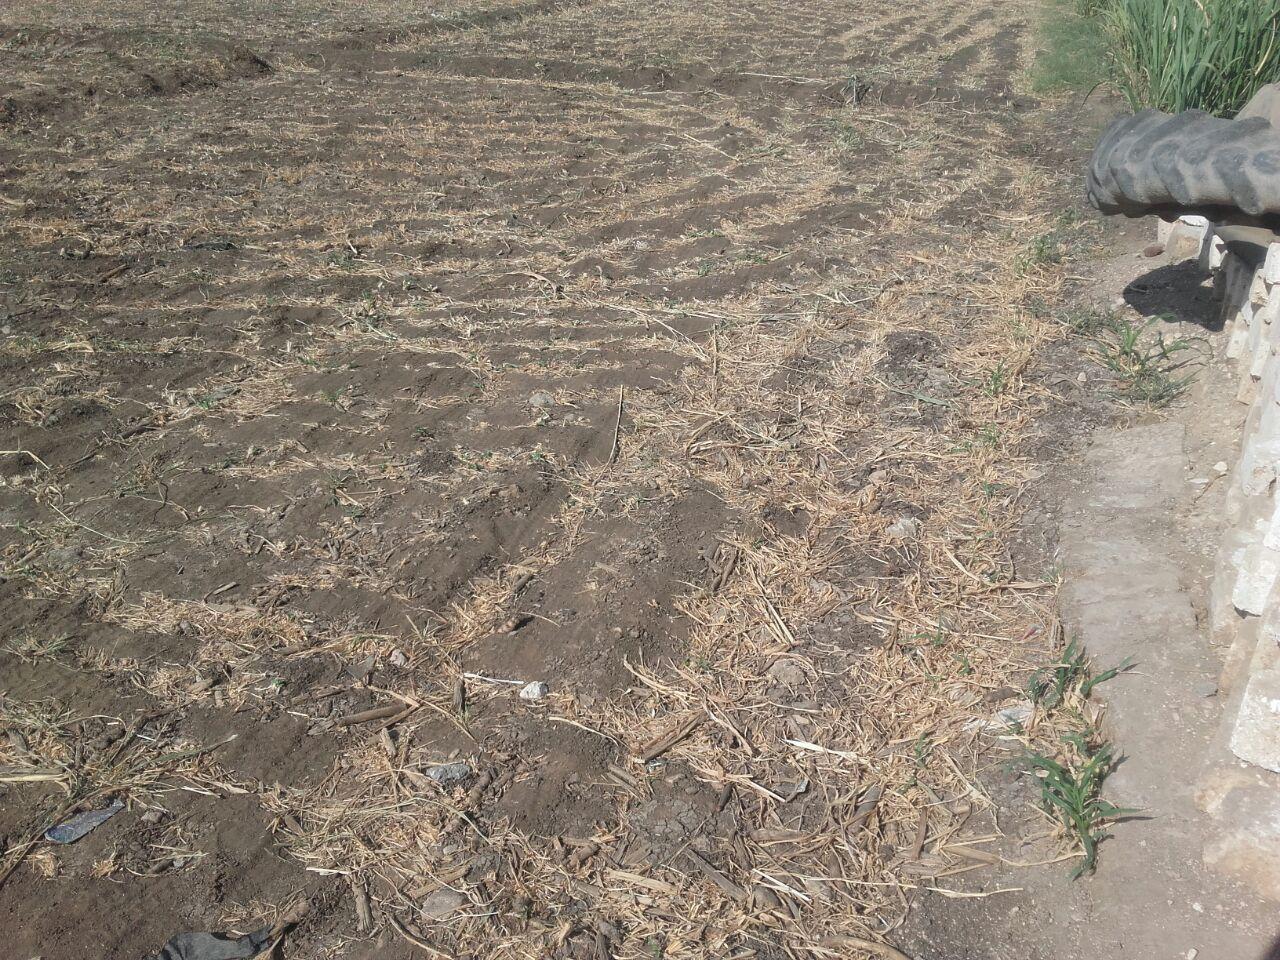 أهالي «أبوحزام» بقنا : ترعة القرية تحولت لمقلب قمامة ولا تصلح لري الأراضي الزراعية